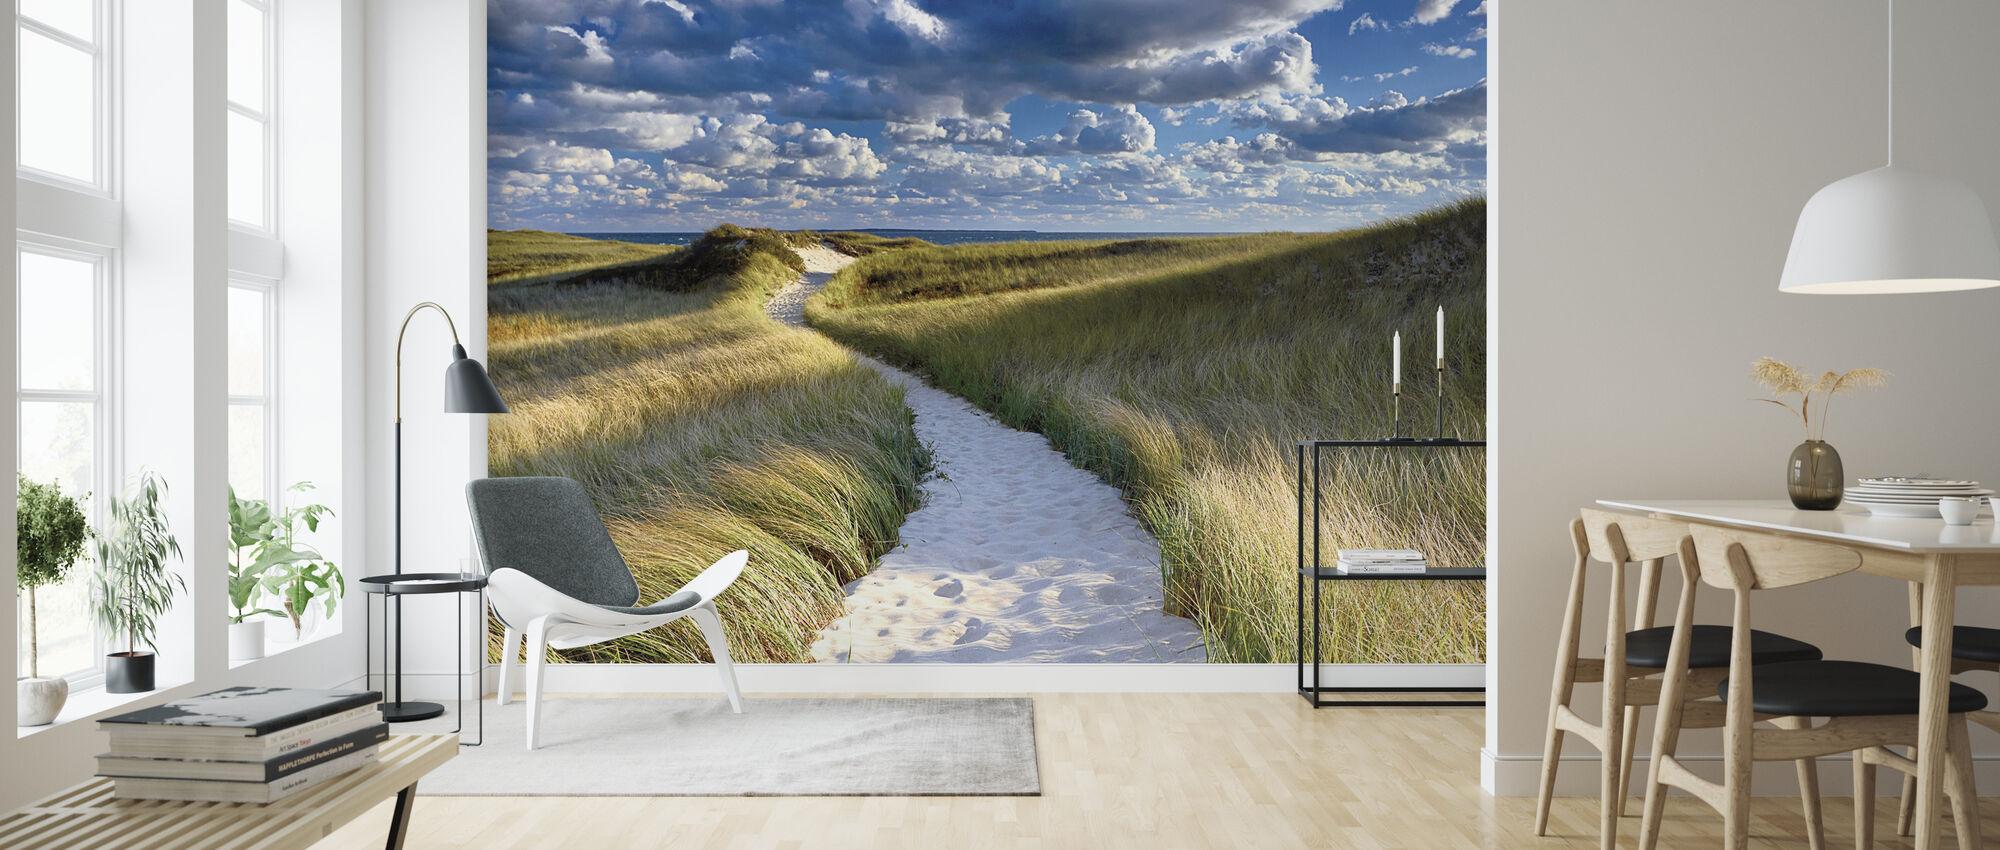 Philbin Beach - Wallpaper - Living Room